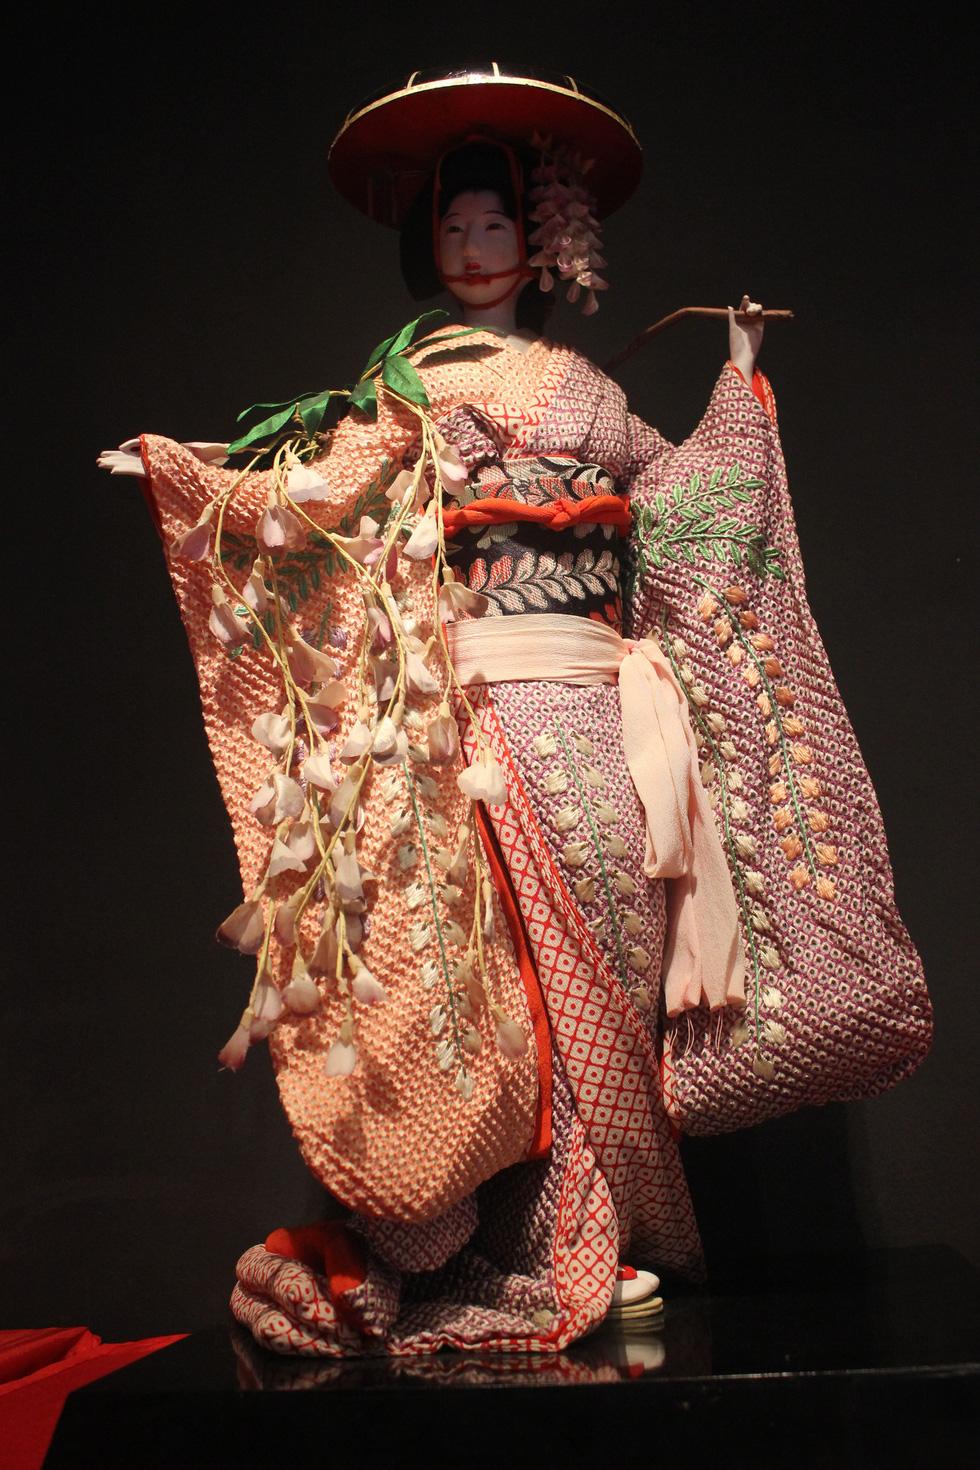 Bí ẩn thế giới búp bê truyền thống Nhật Bản - Ảnh 7.